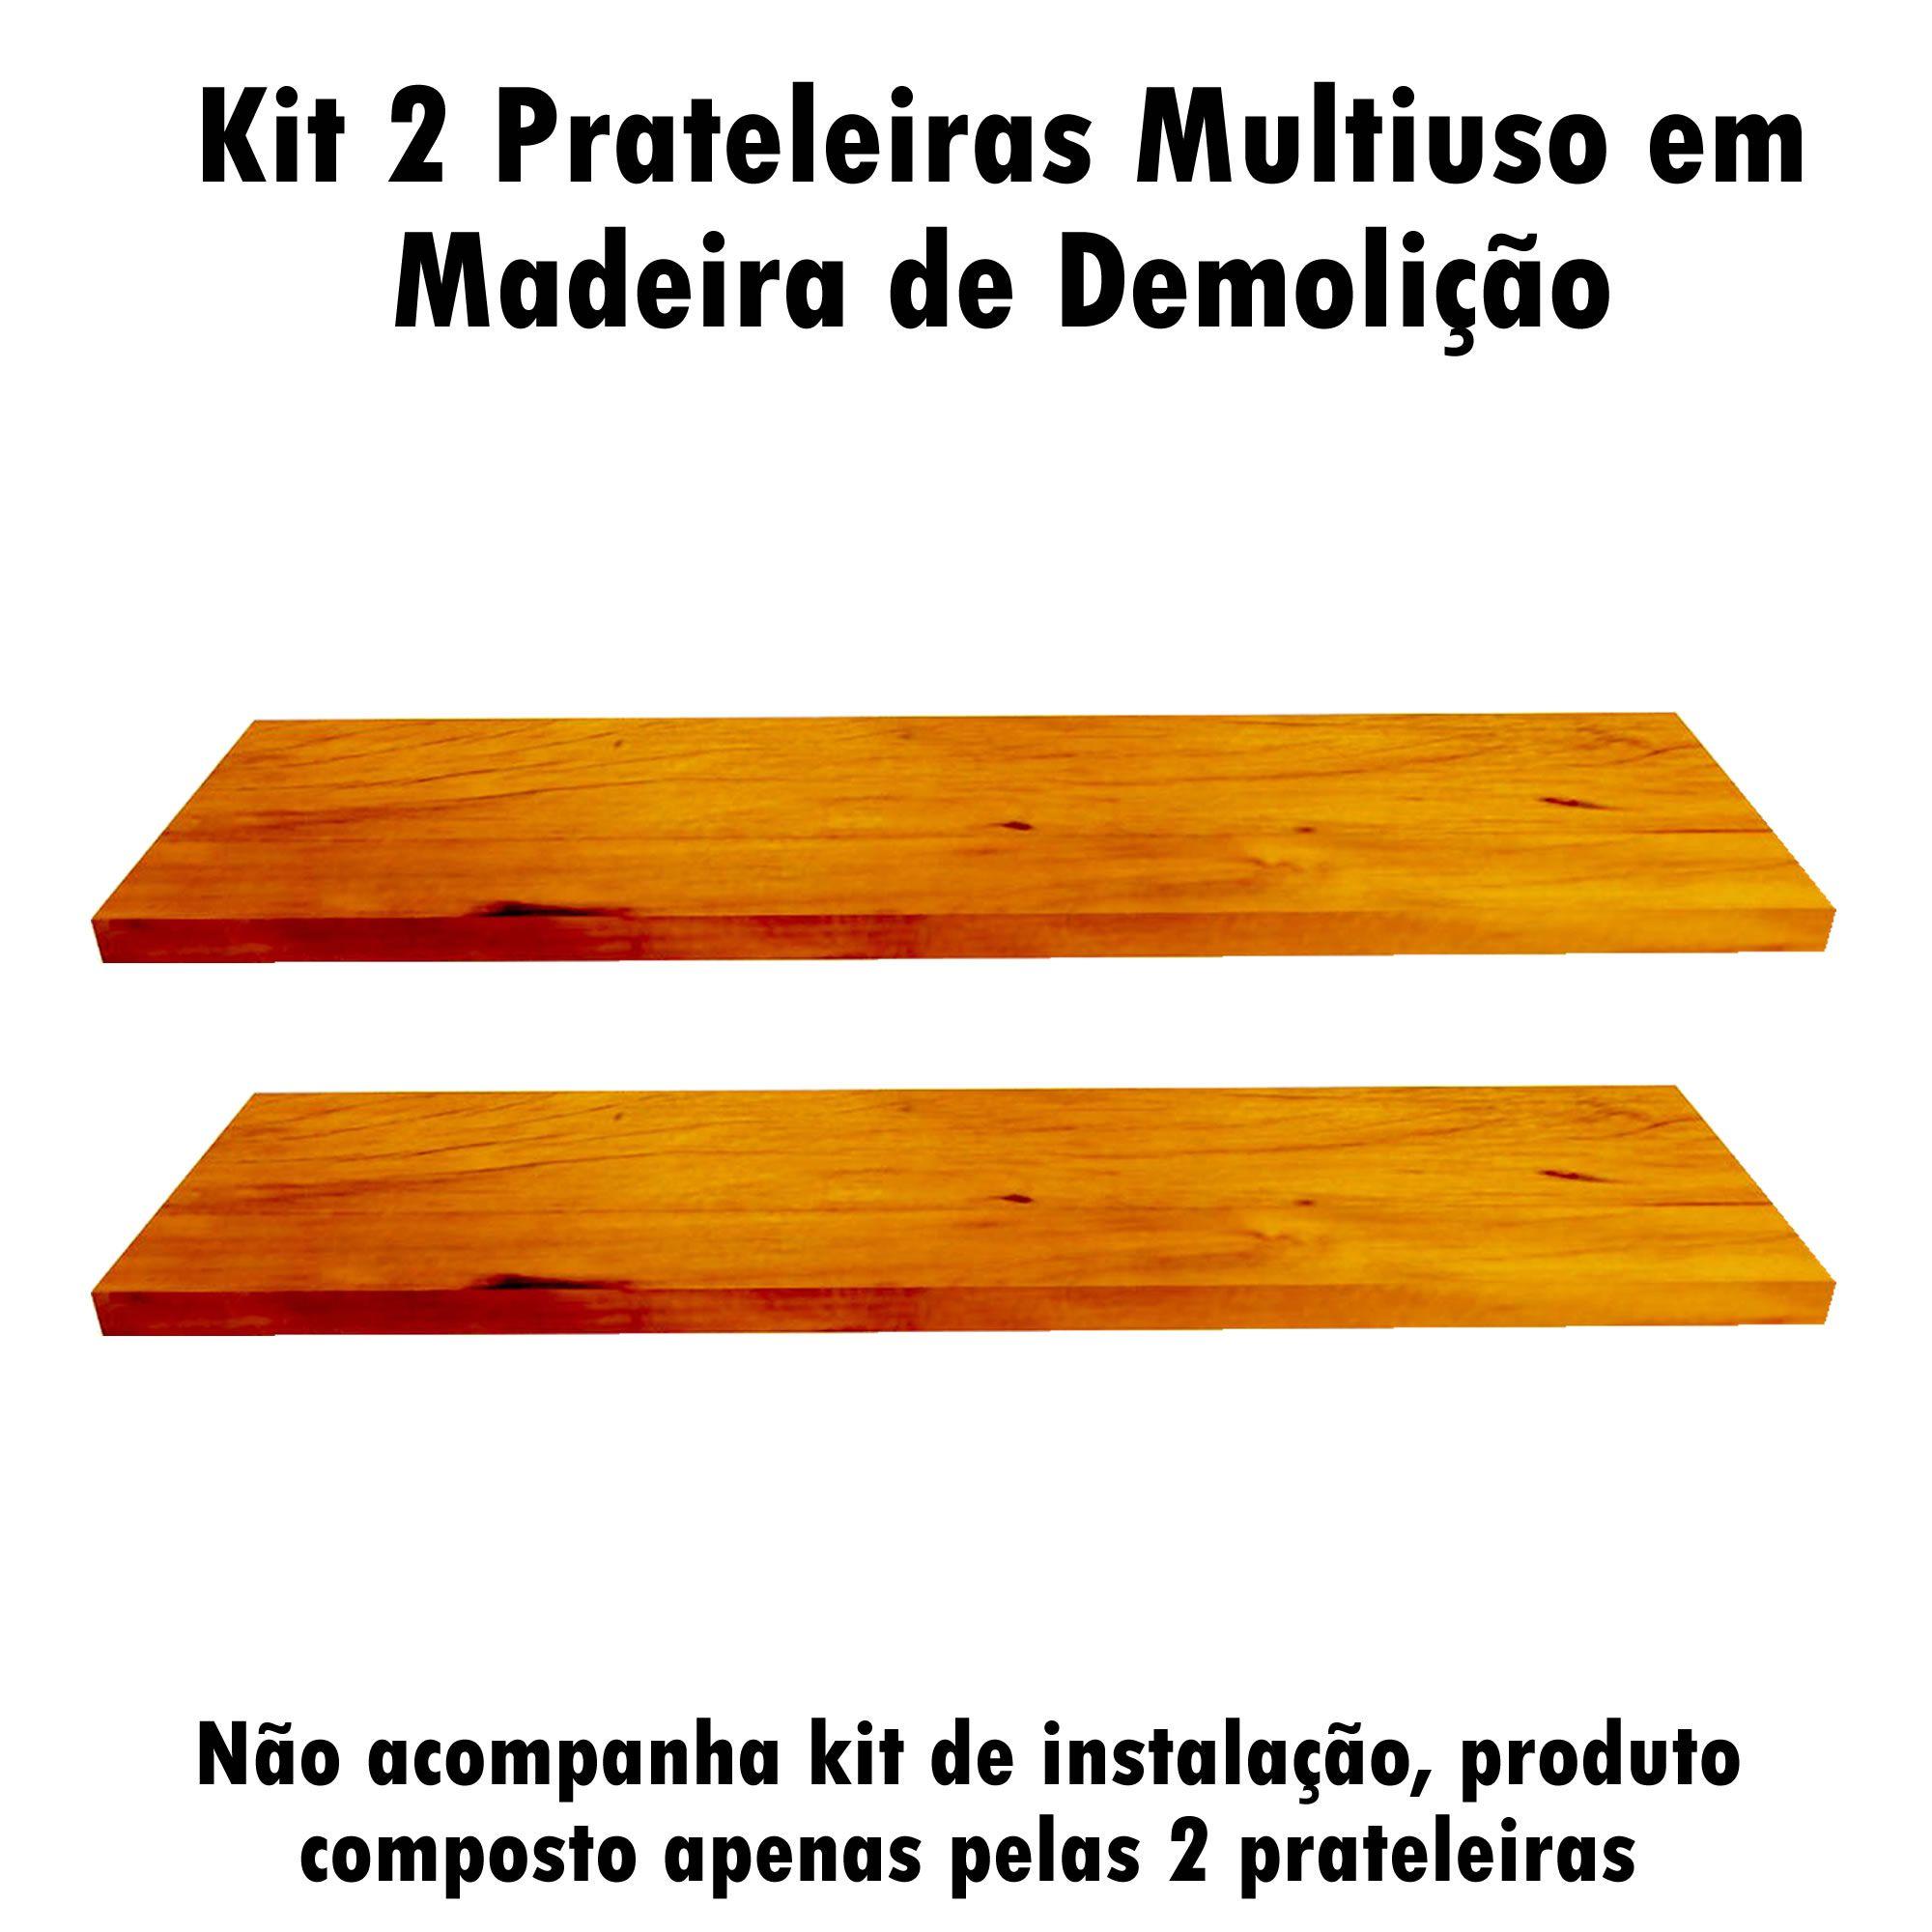 Kit 2 Prateleira Multiuso em Madeira De Demolição medindo 60x19x2